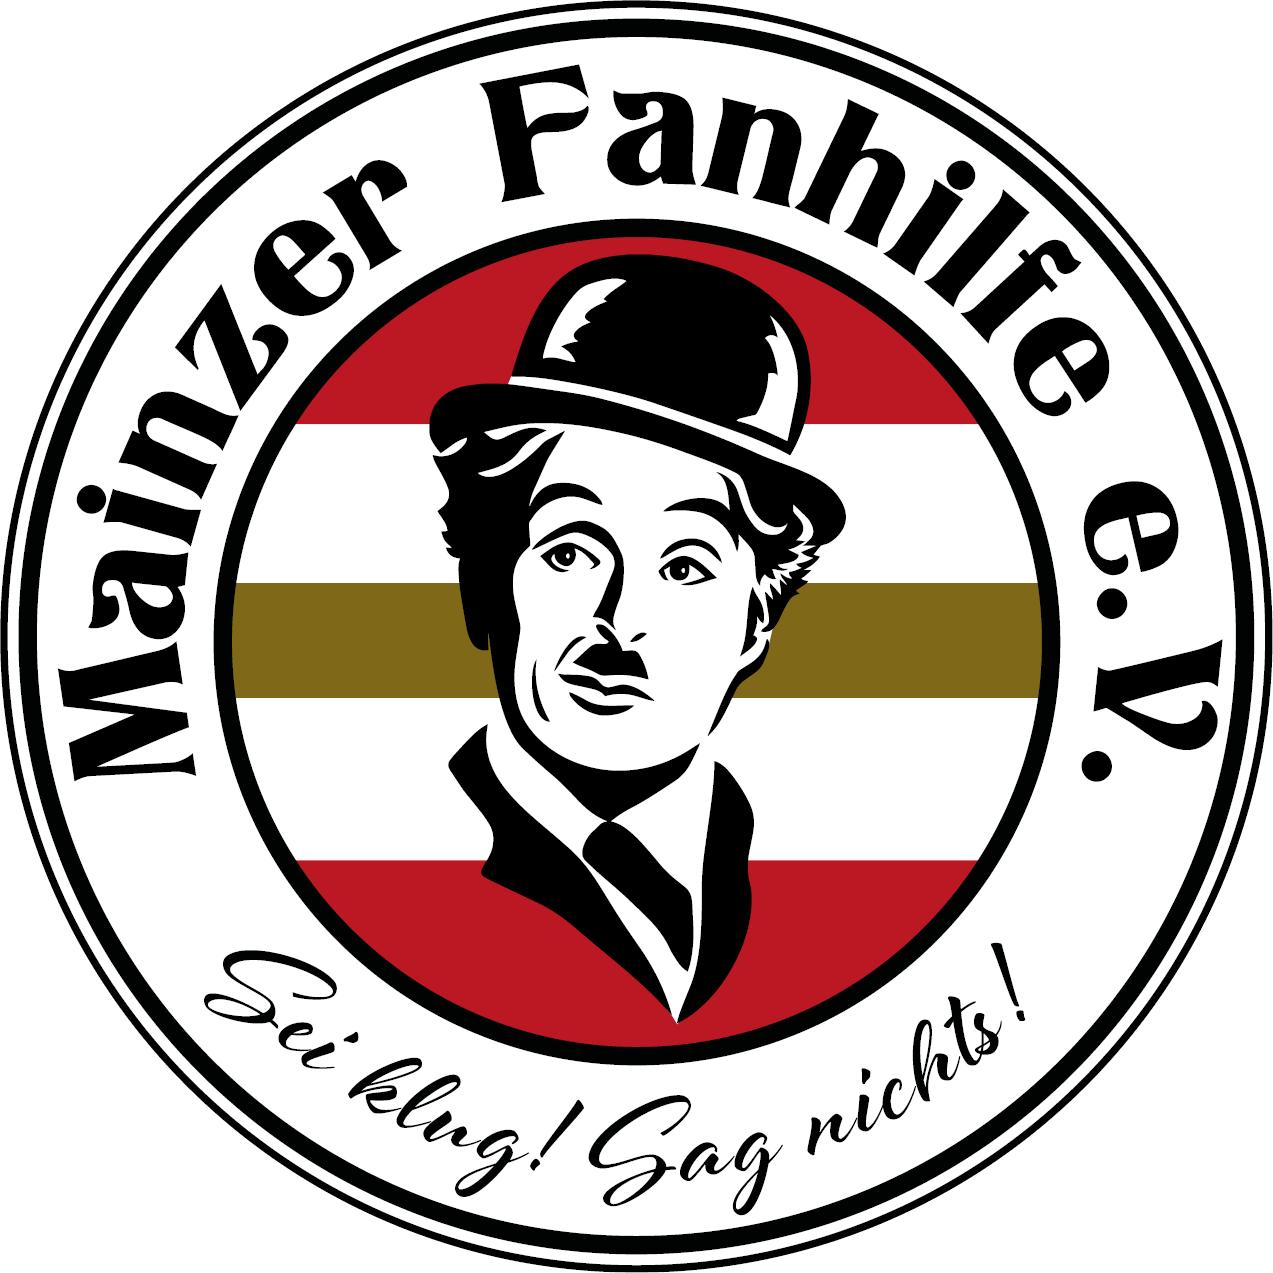 Mainzer-Fanhilfe